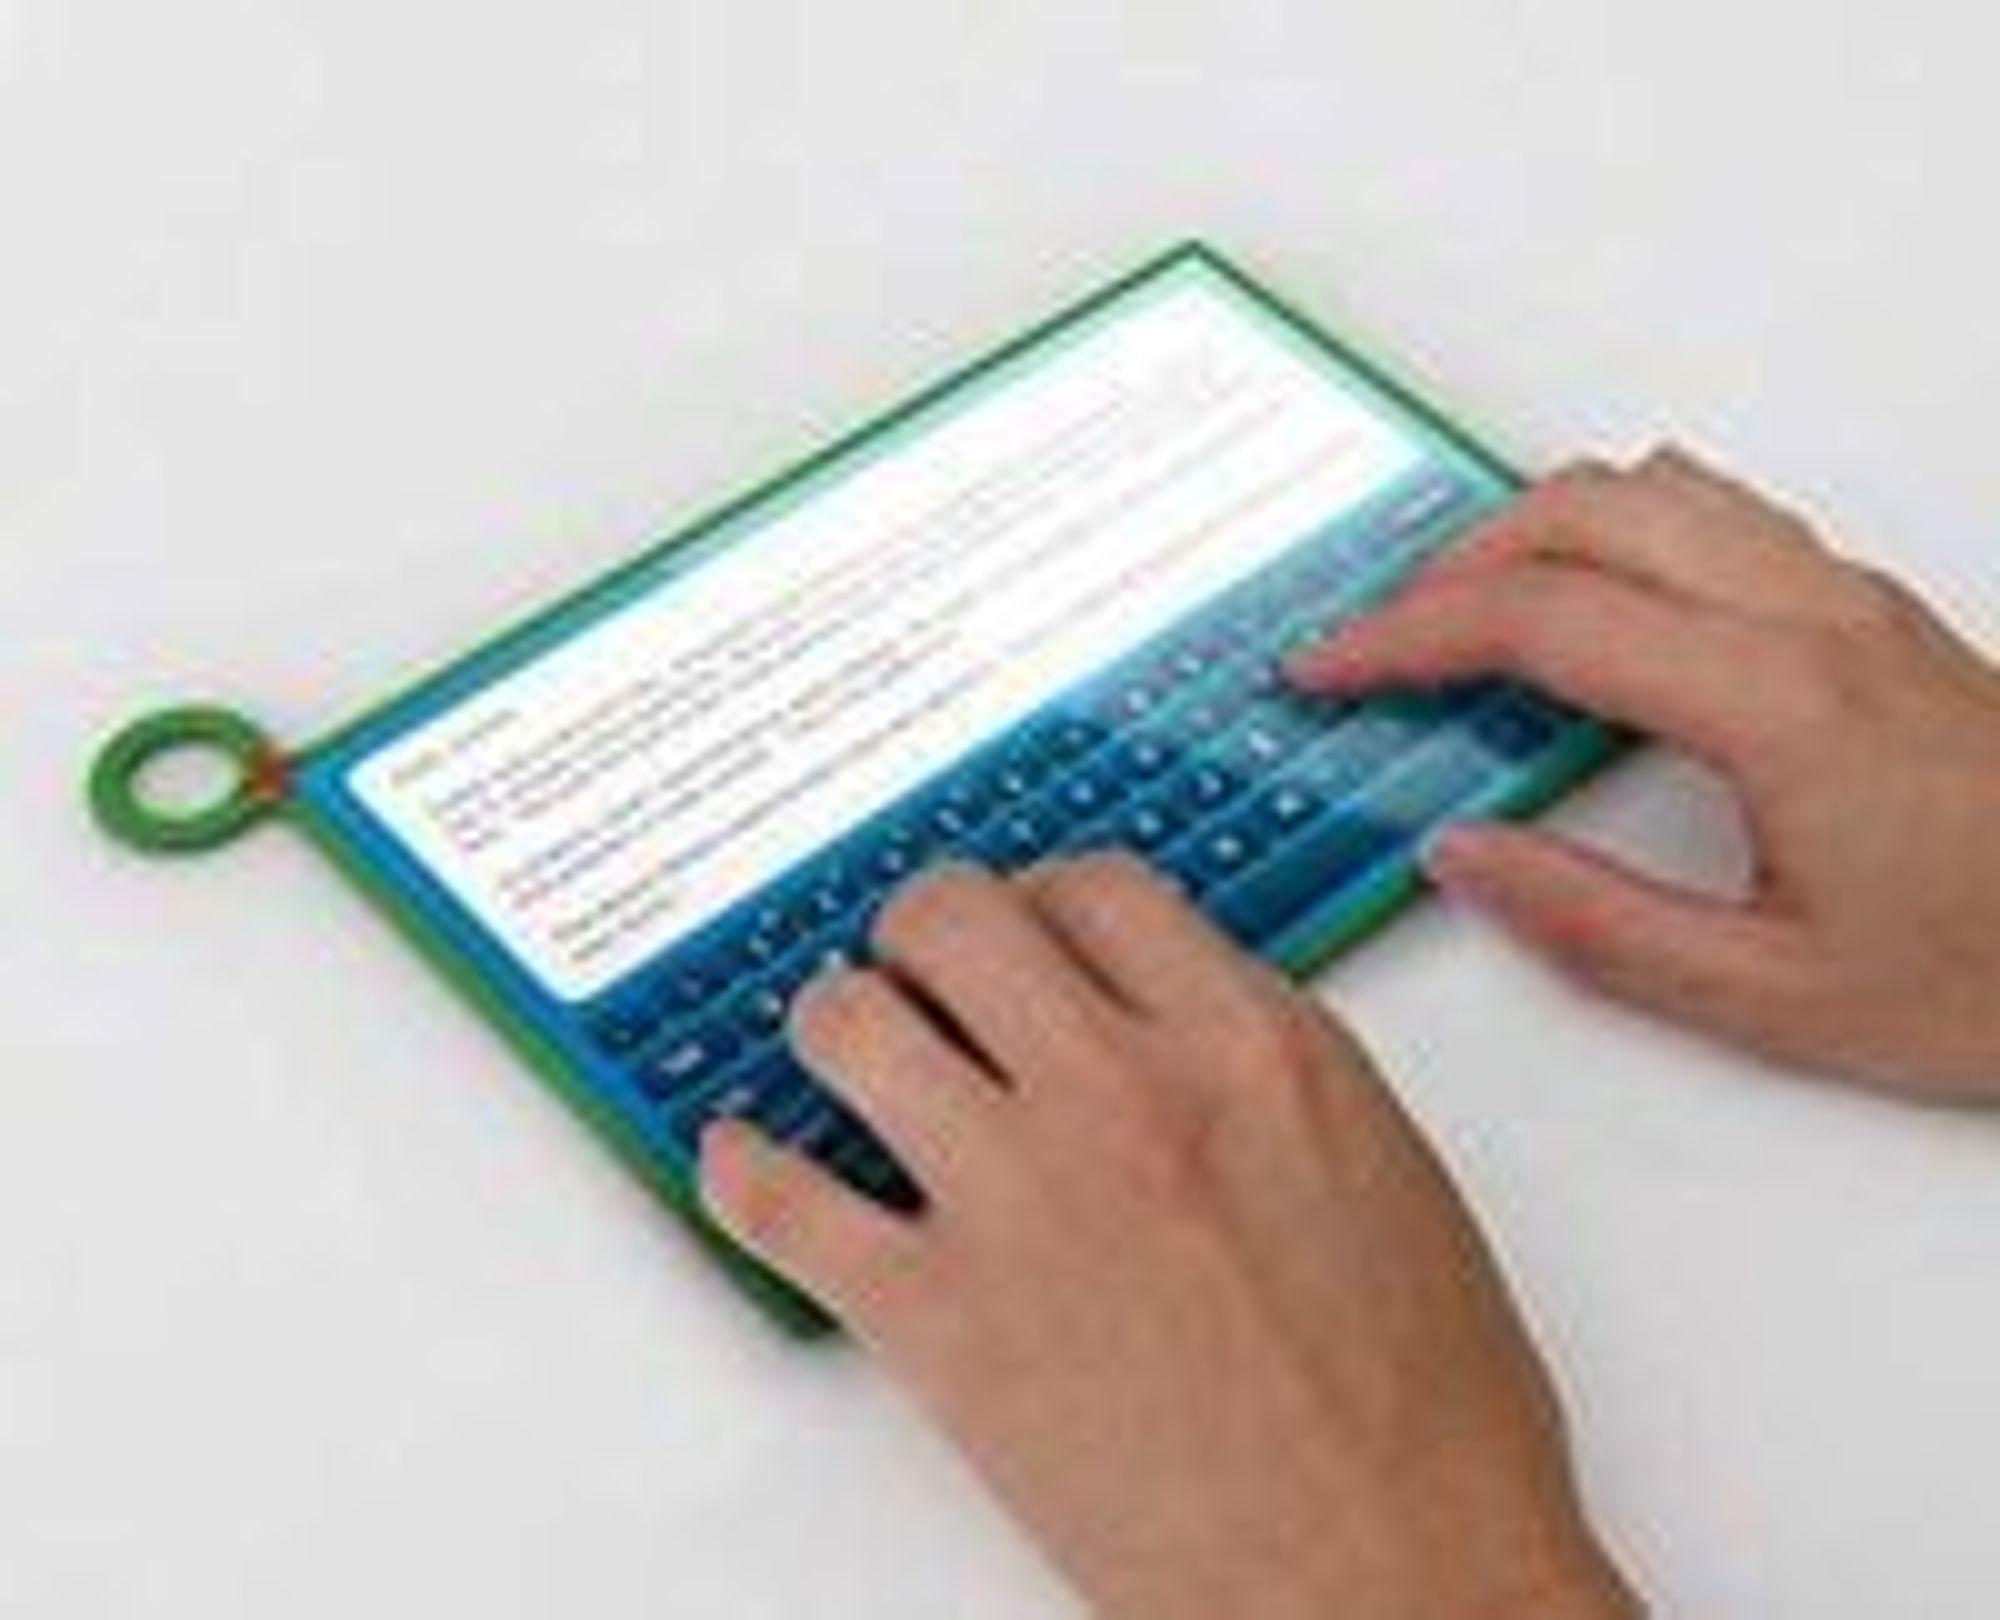 XO3 skal få virtuelt tastatur.